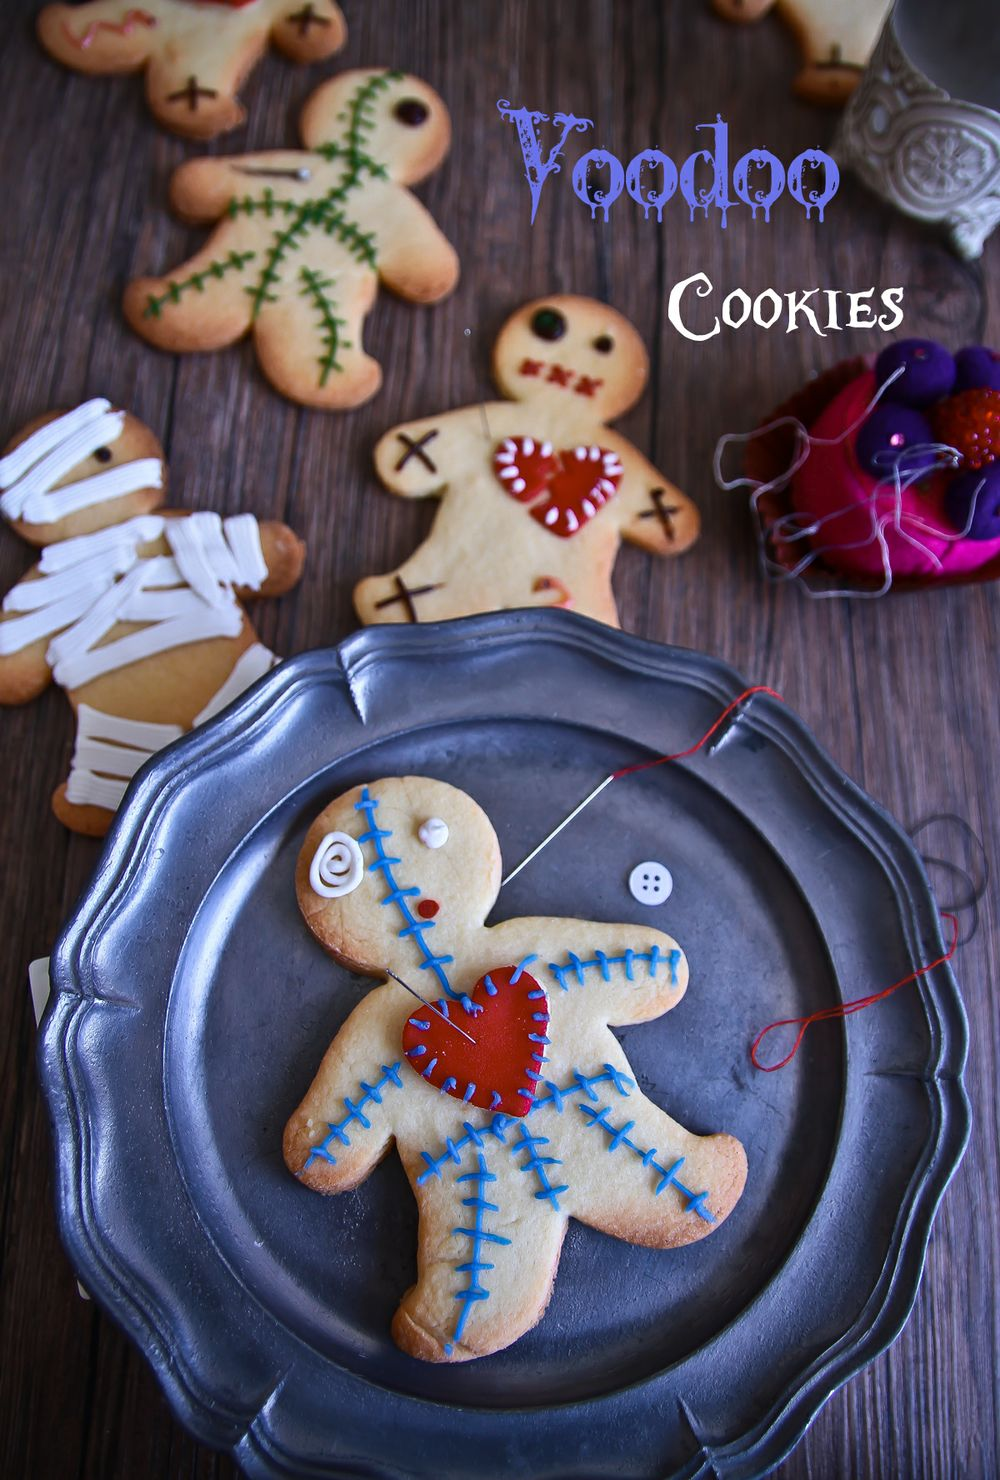 __n-voodoo-cookies-4-5.jpg